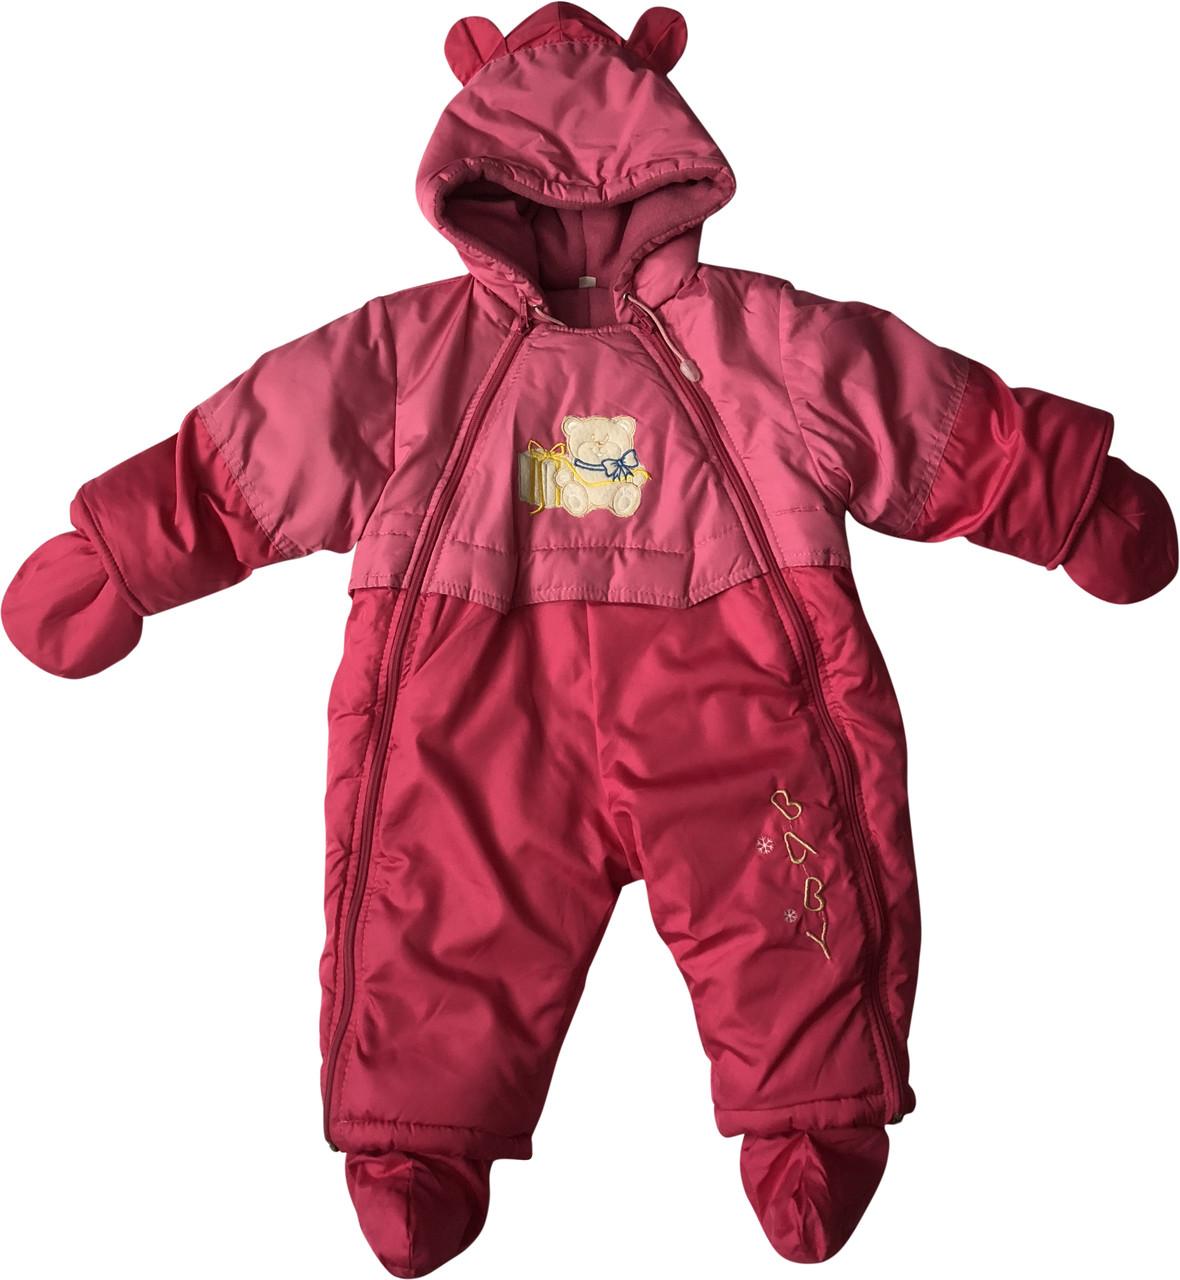 Демісезонний комбінезон на дівчинку ріст 80 9-12 міс для новонароджених малюків суцільний синтепон рожевий